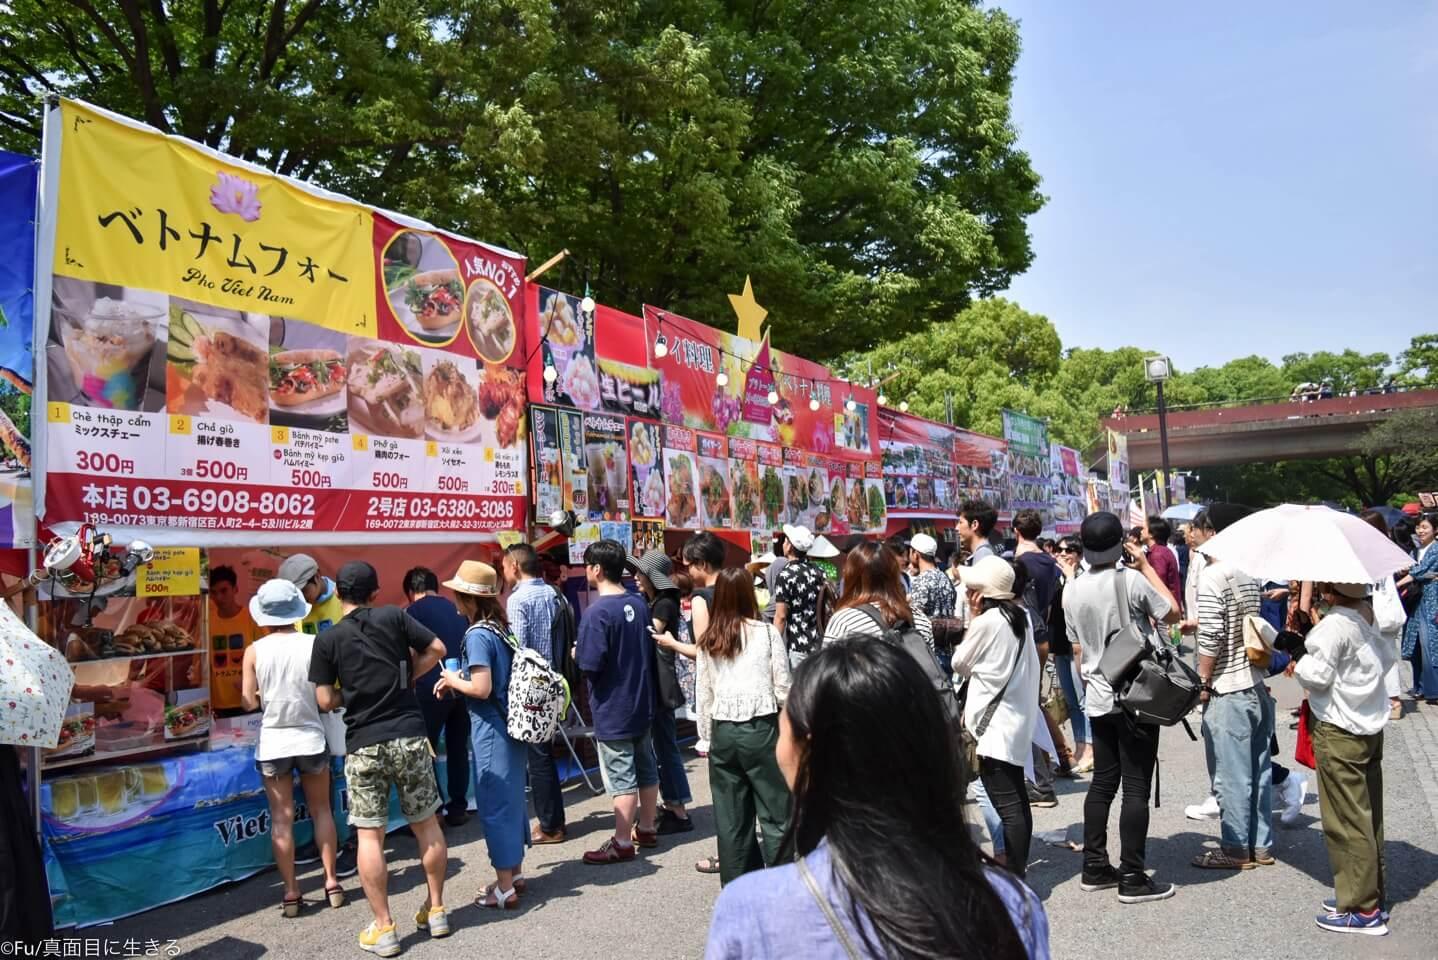 【ベトナムフェスティバルに行ってきた】料理の味・値段、混み具合、持参した方が良いモノを解説